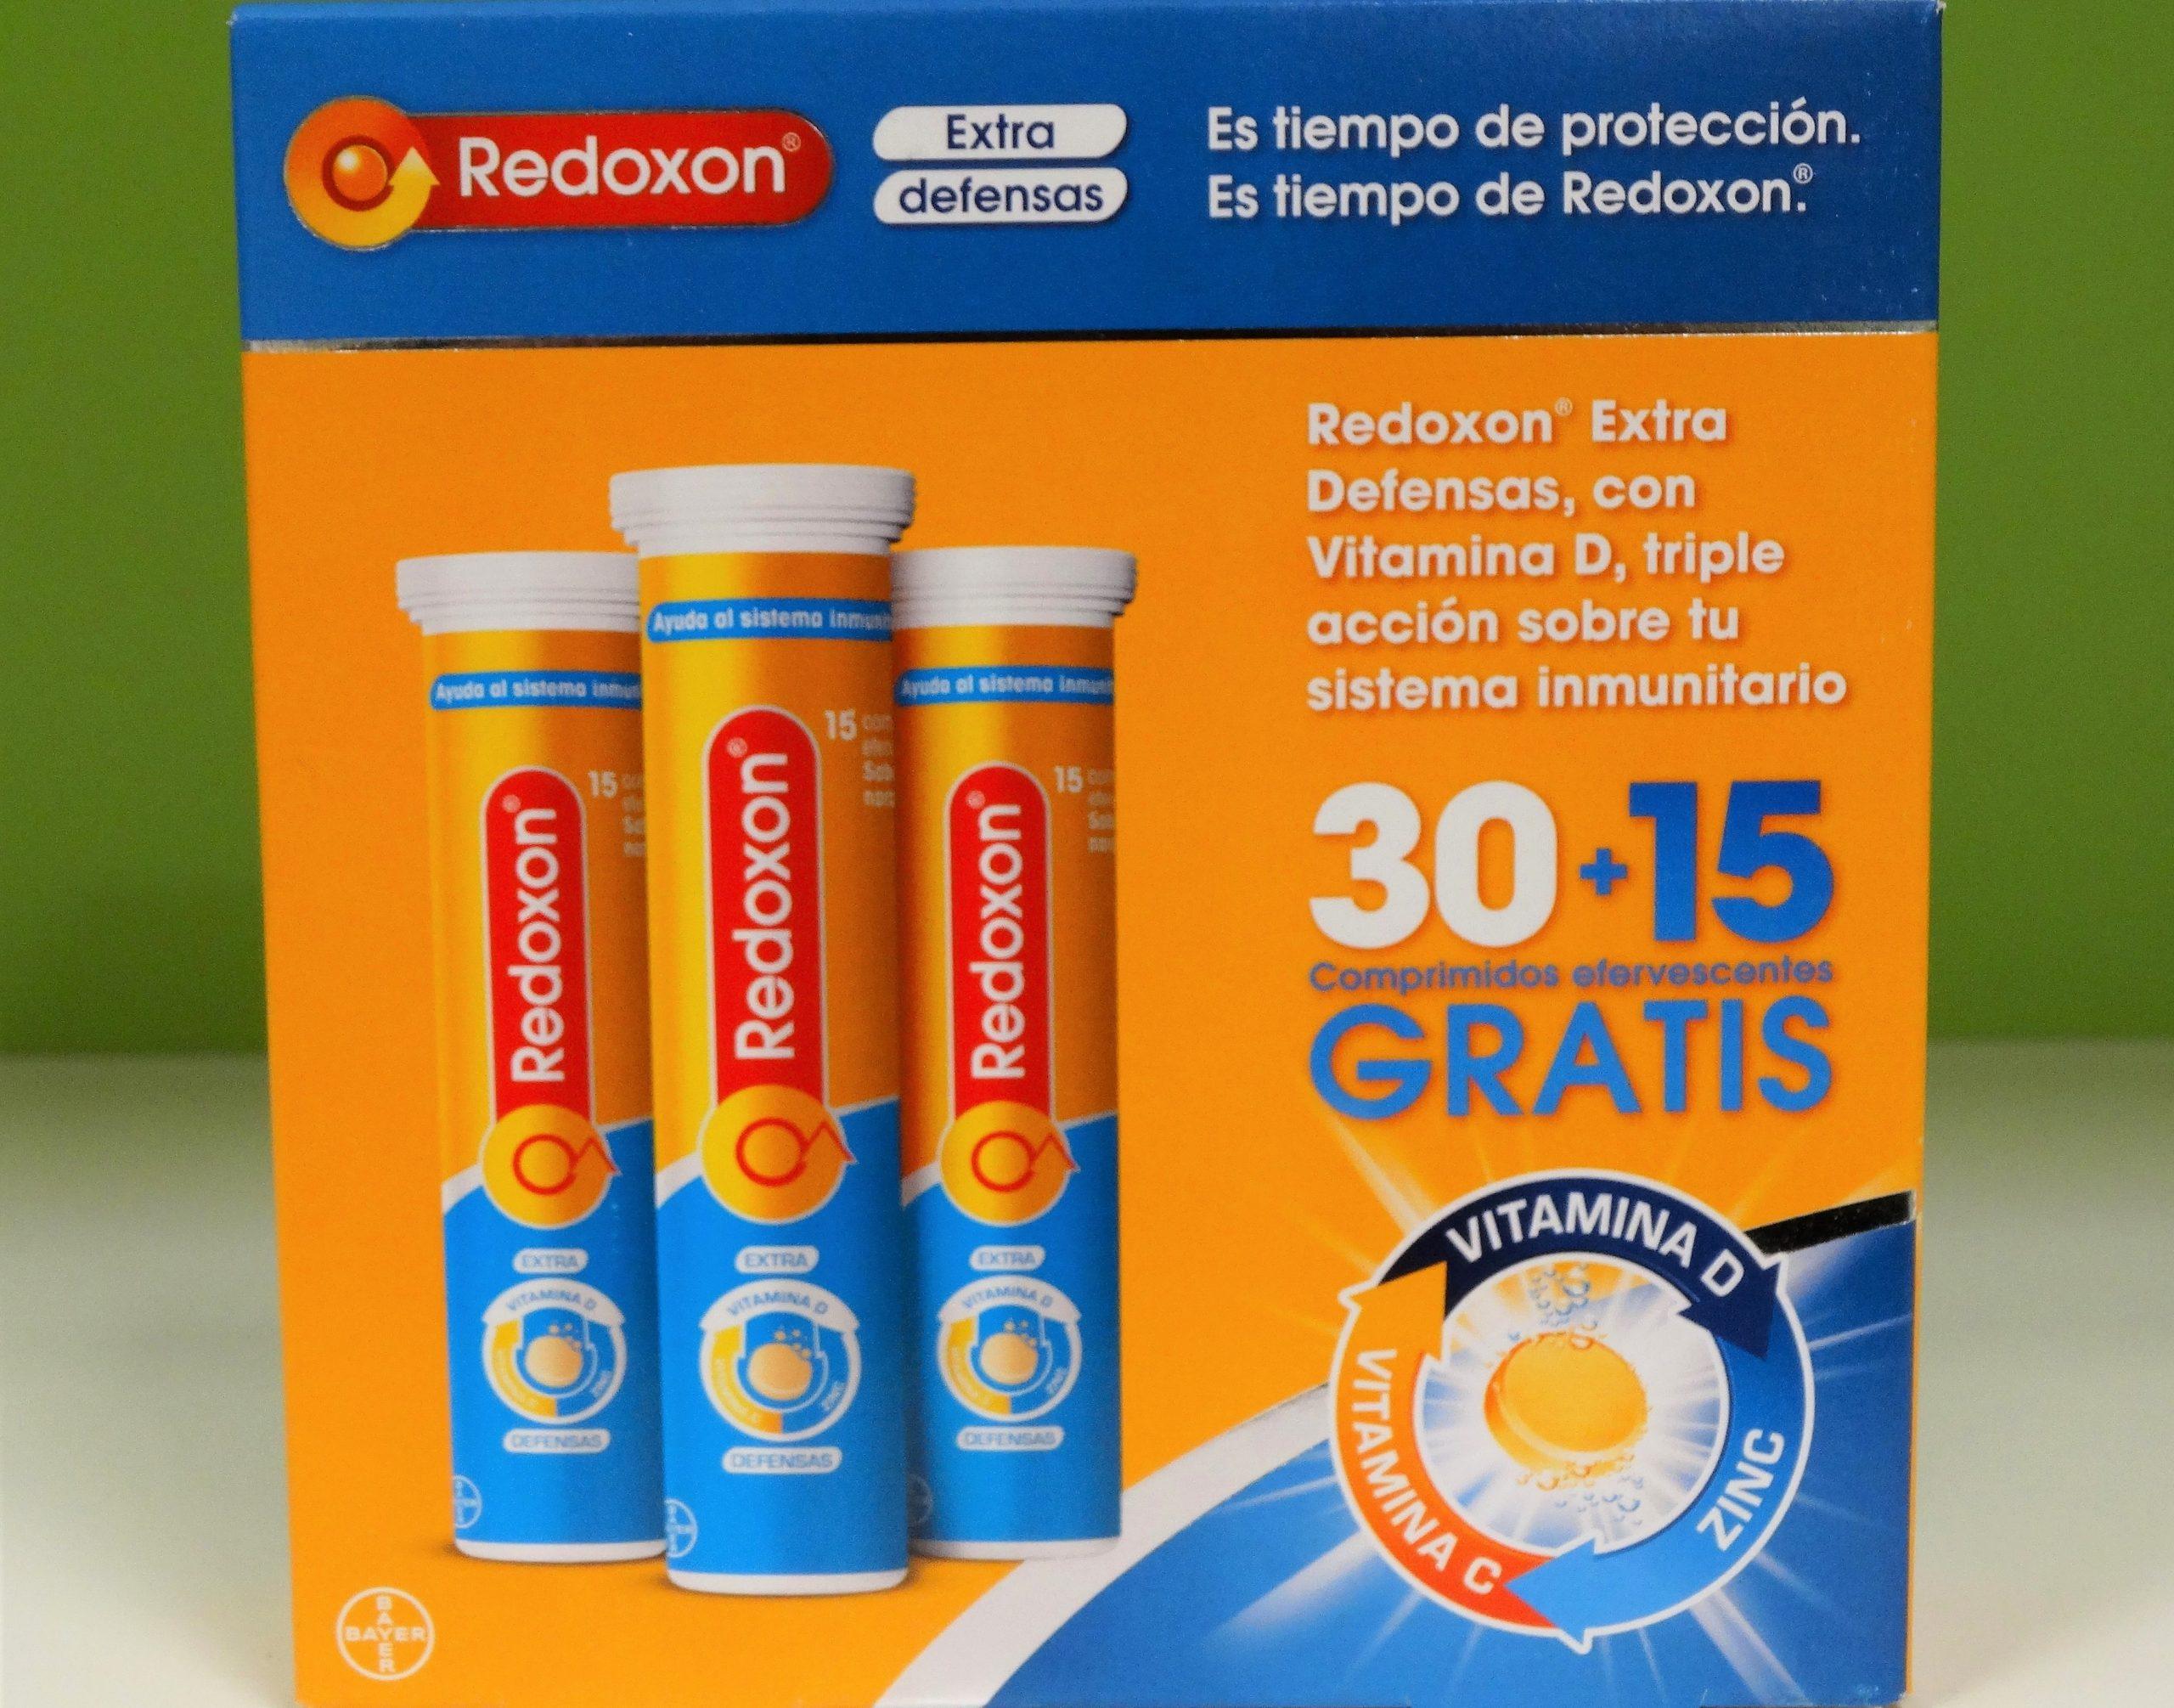 combinación de 1,000 mg de Vitamina C, 10mg de Zinc con un extra de Vitamina D (10 µg) especialmente desarrollada para ayudar al sistema inmunitario